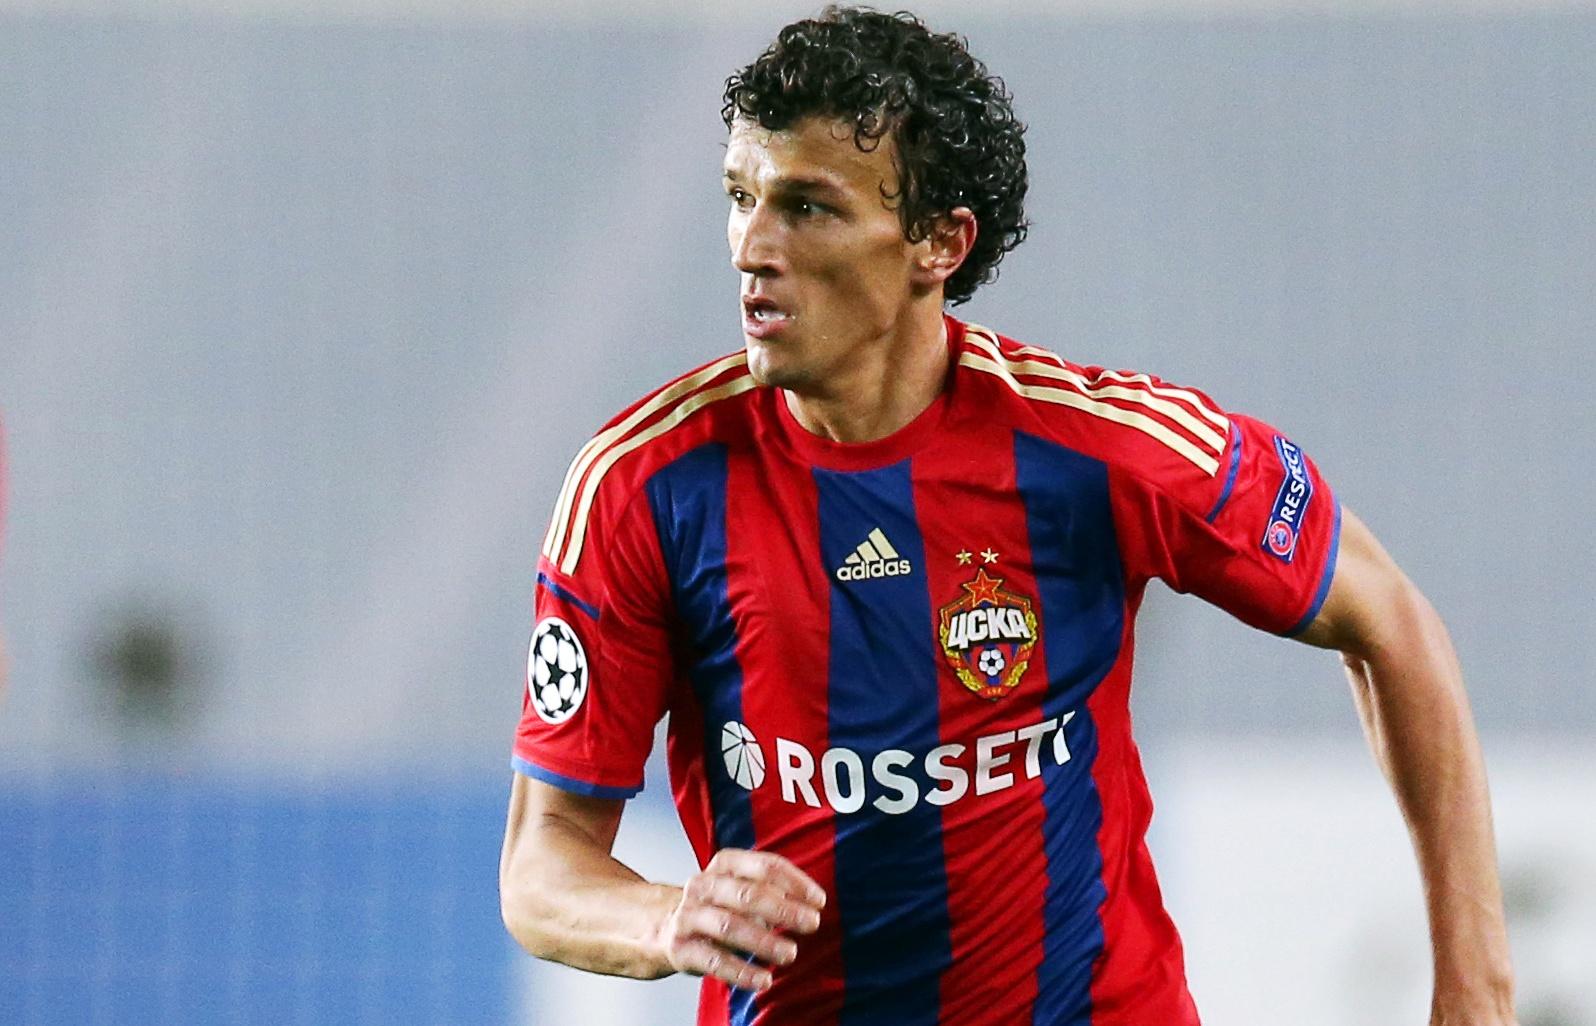 Еременко отстранен УЕФА отфутбольных матчей